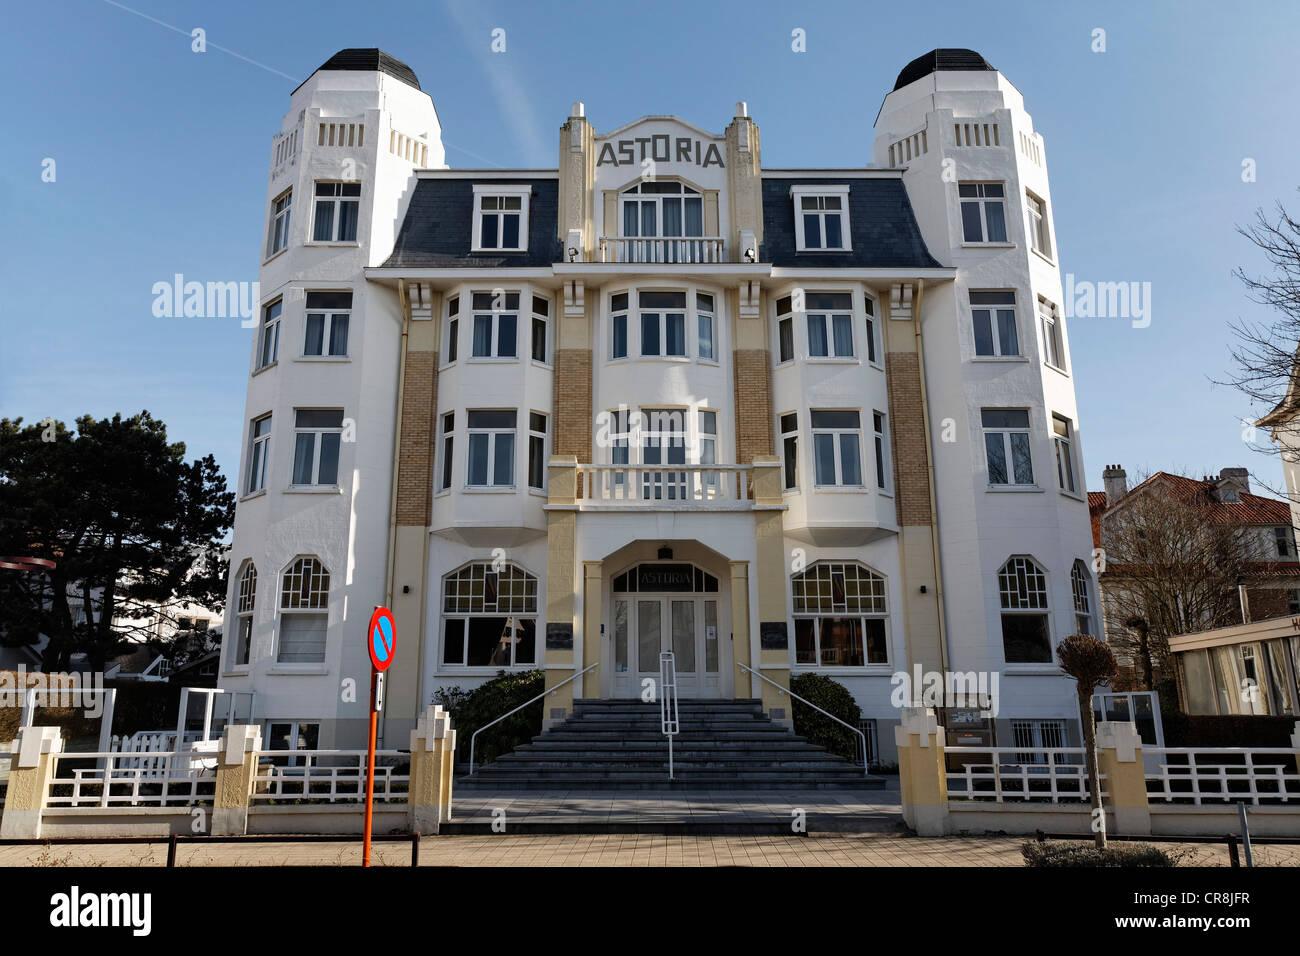 Astoria Hotel, Art Deco Style, De Haan, West Flanders, Belgium, Europe